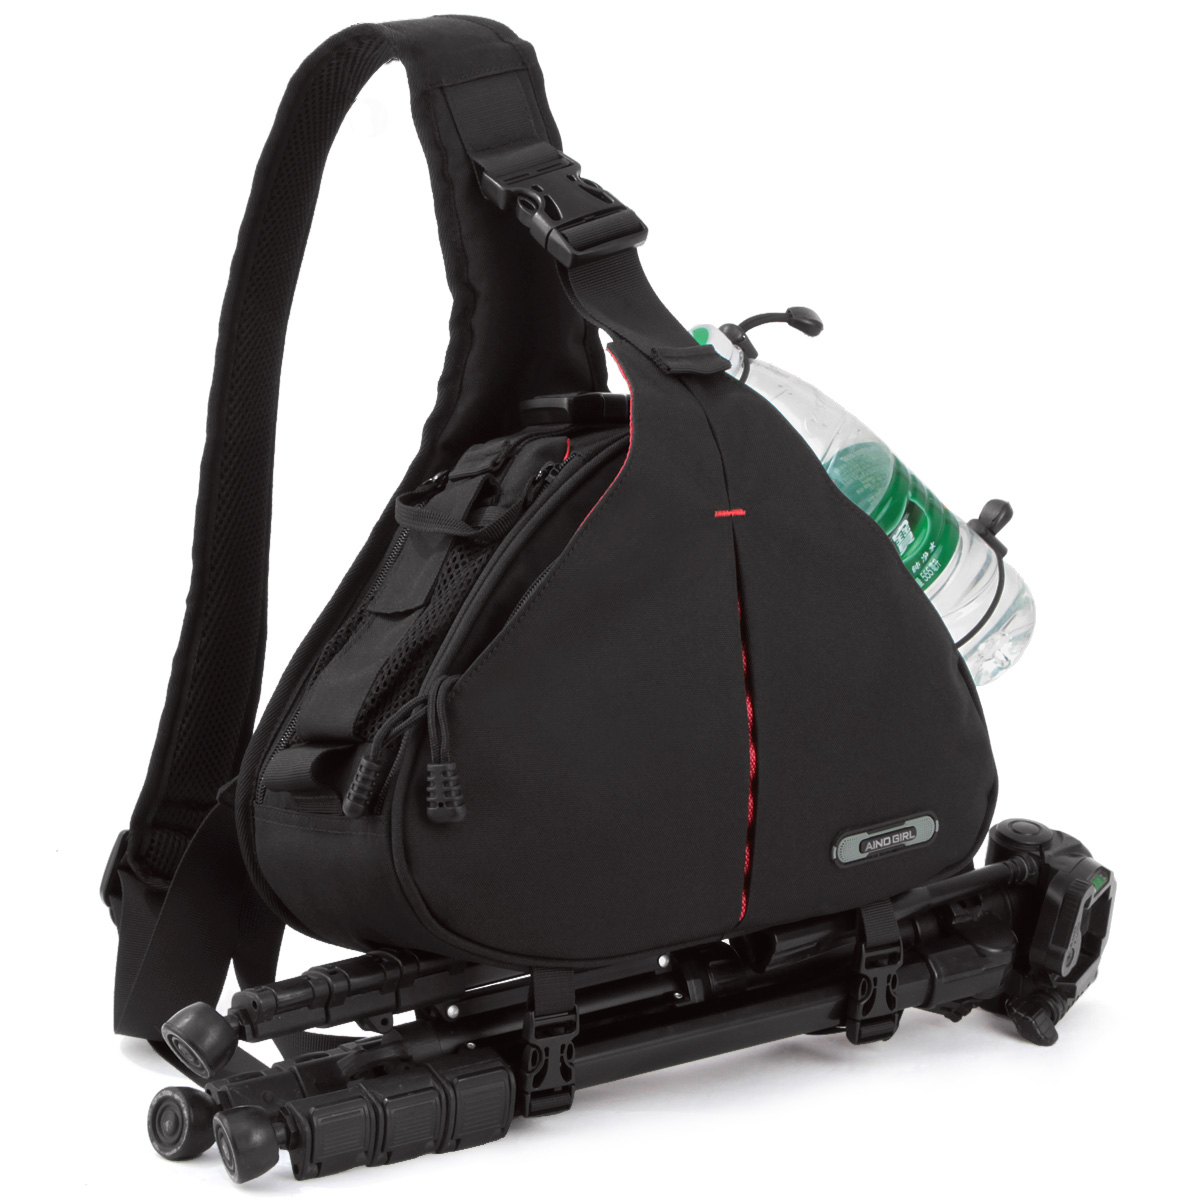 安诺格尔摄像包 d90 600d单反相机包/数码斜挎单肩摄影包三角包袋